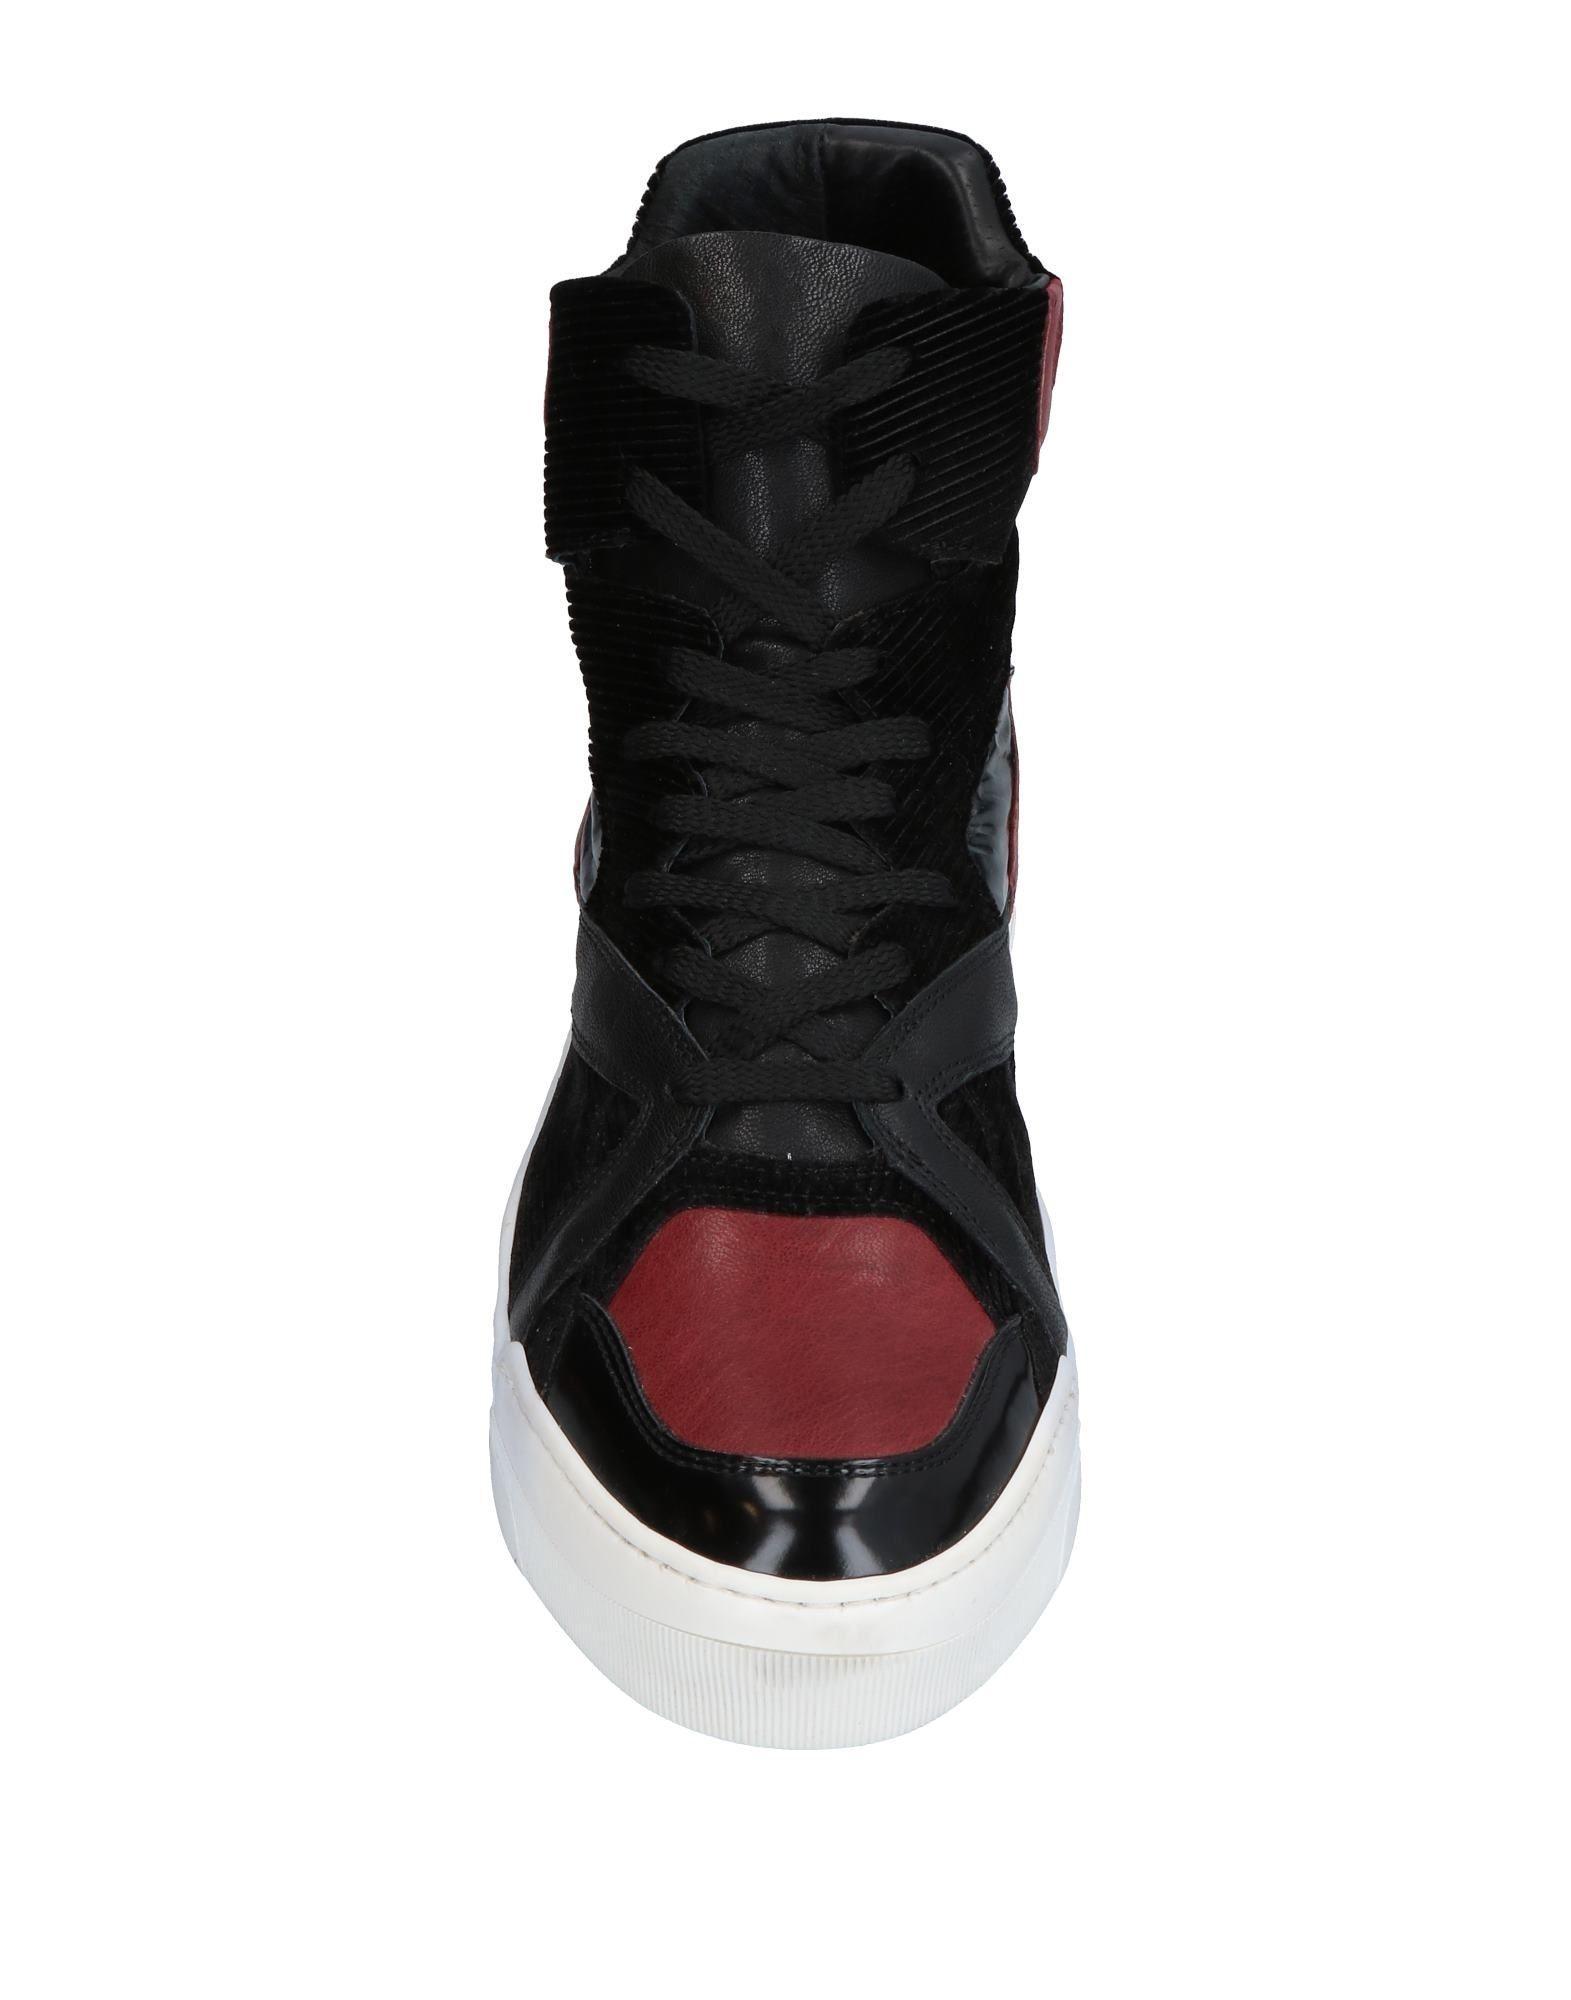 Men S Warehouse Joseph Abboud Canvas Shoes